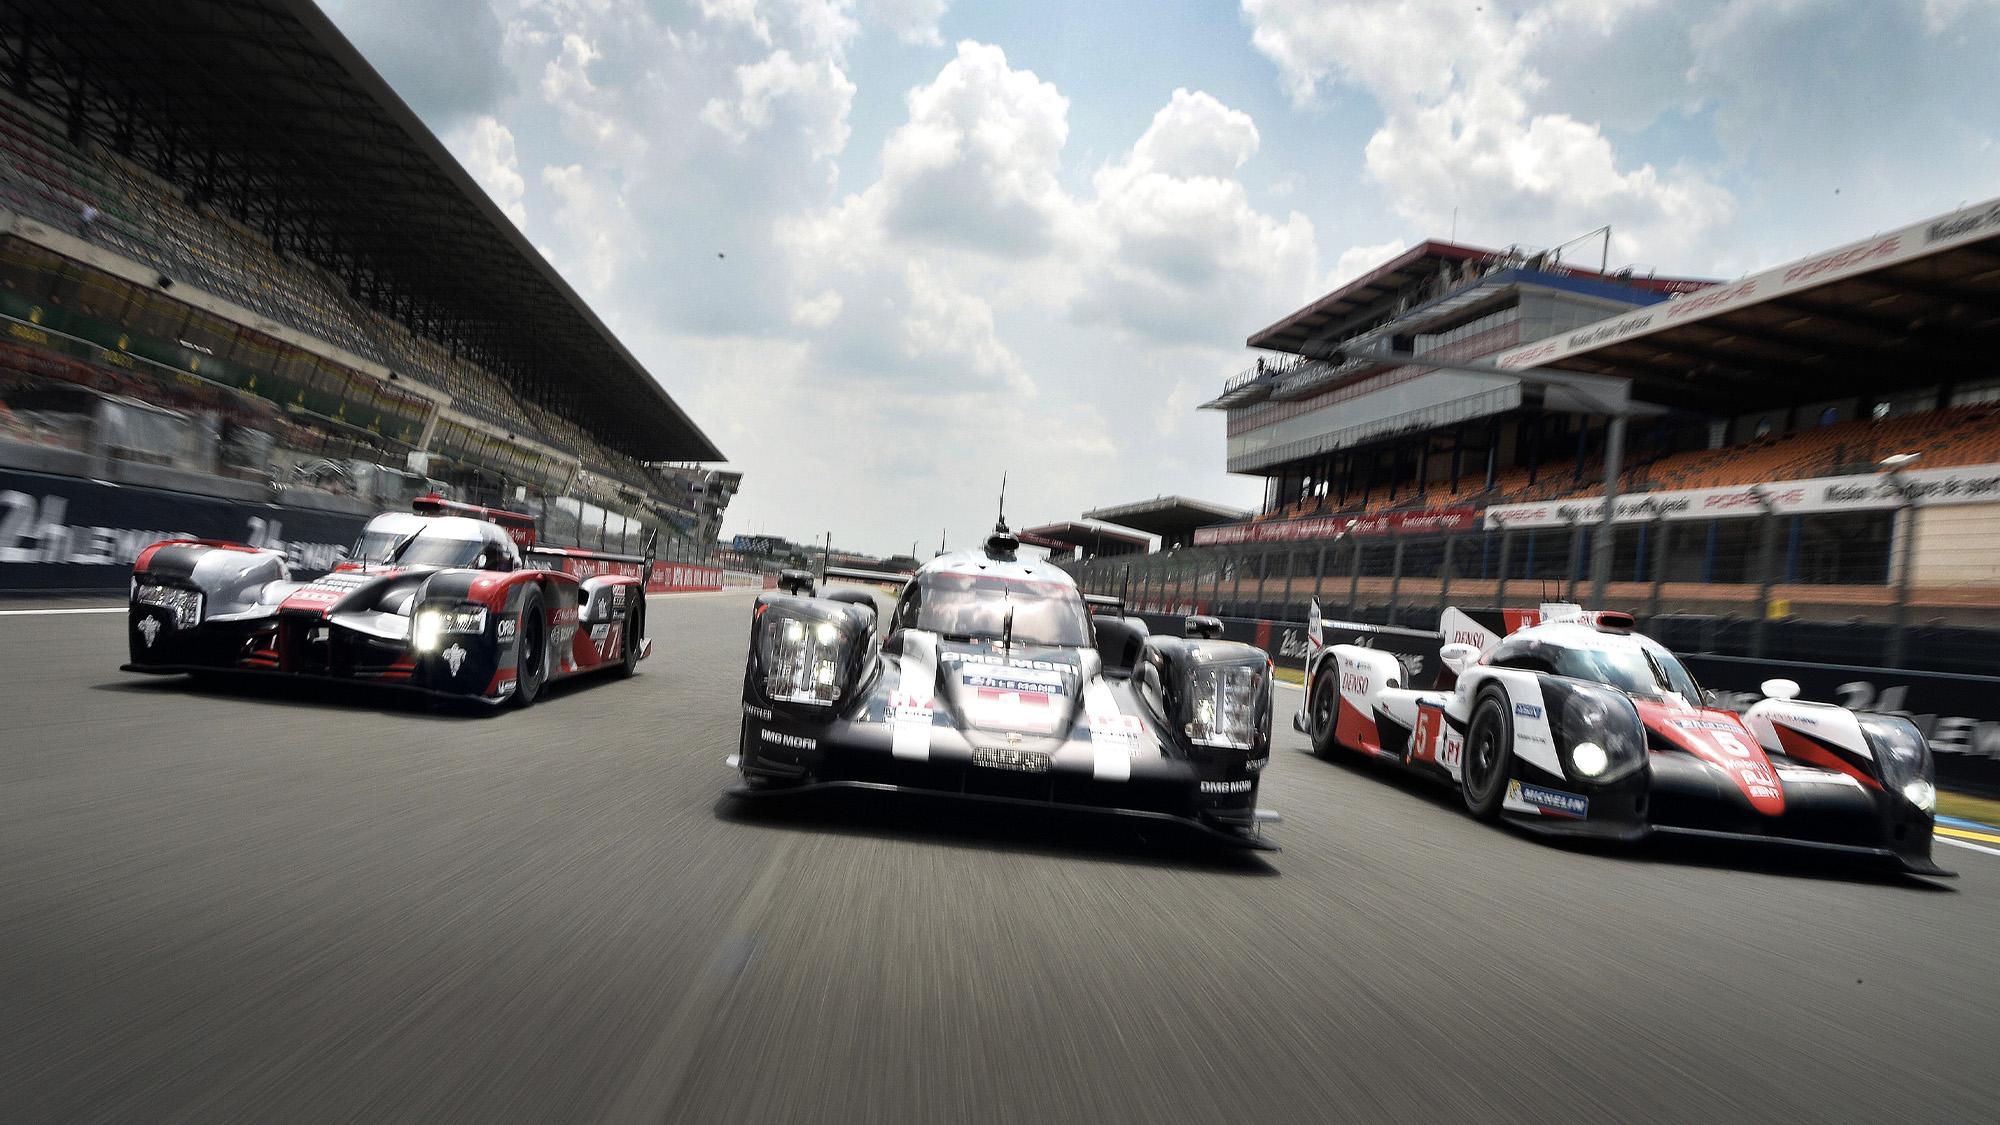 Audi Porsche and Toyota LMP1 cars at Le mans